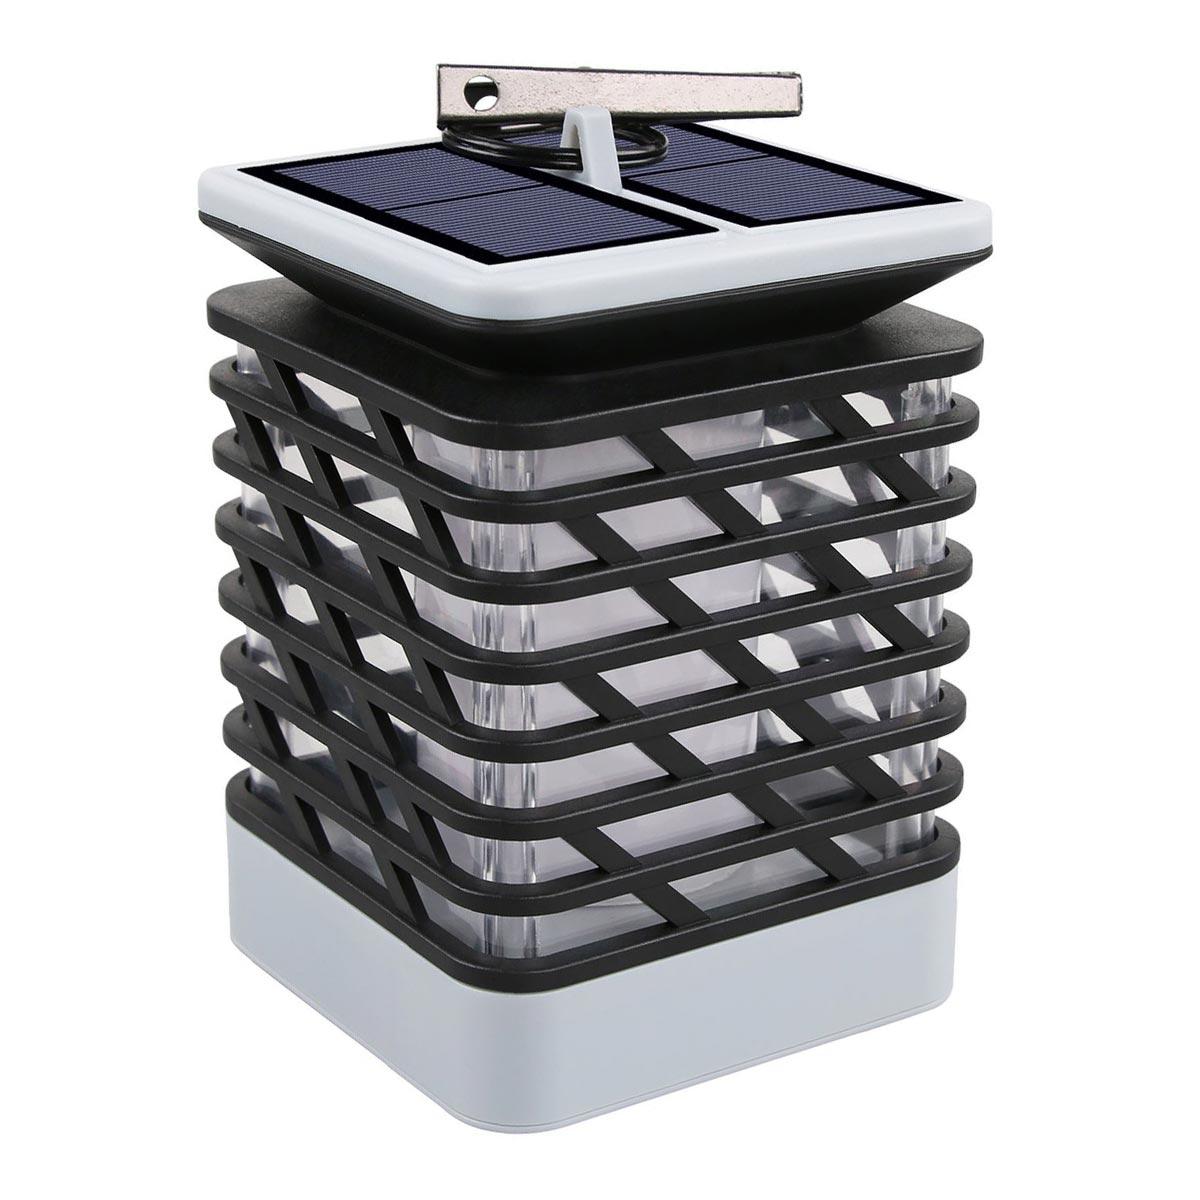 BRAISY-Lanterne solaire plastique gris H18cm